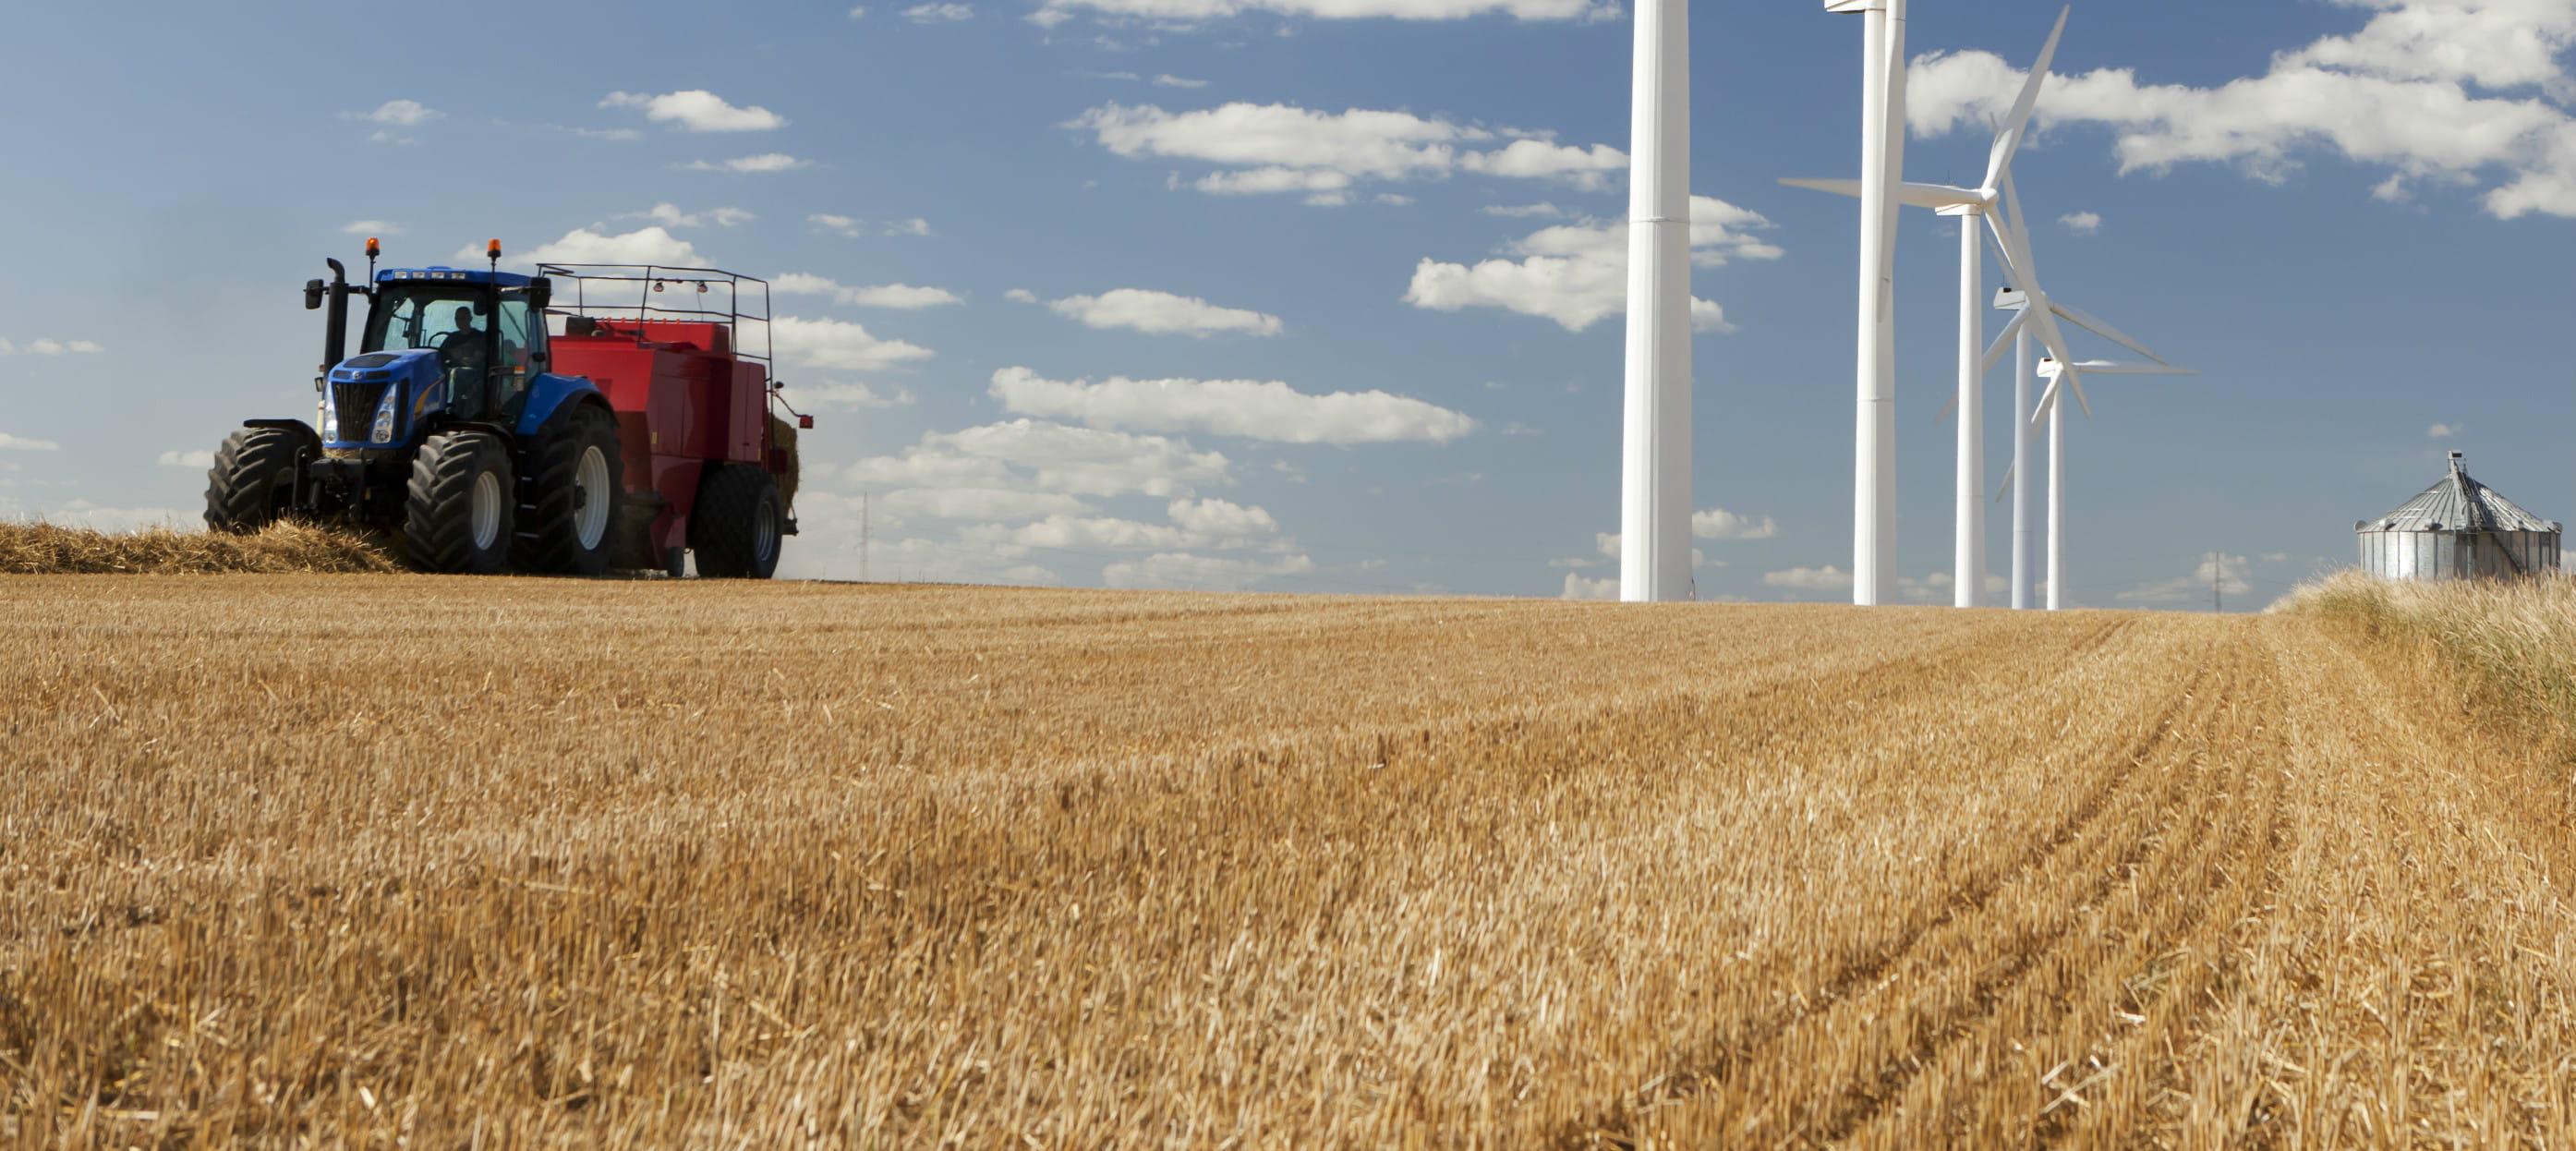 Forside   Nybolig Landbrug